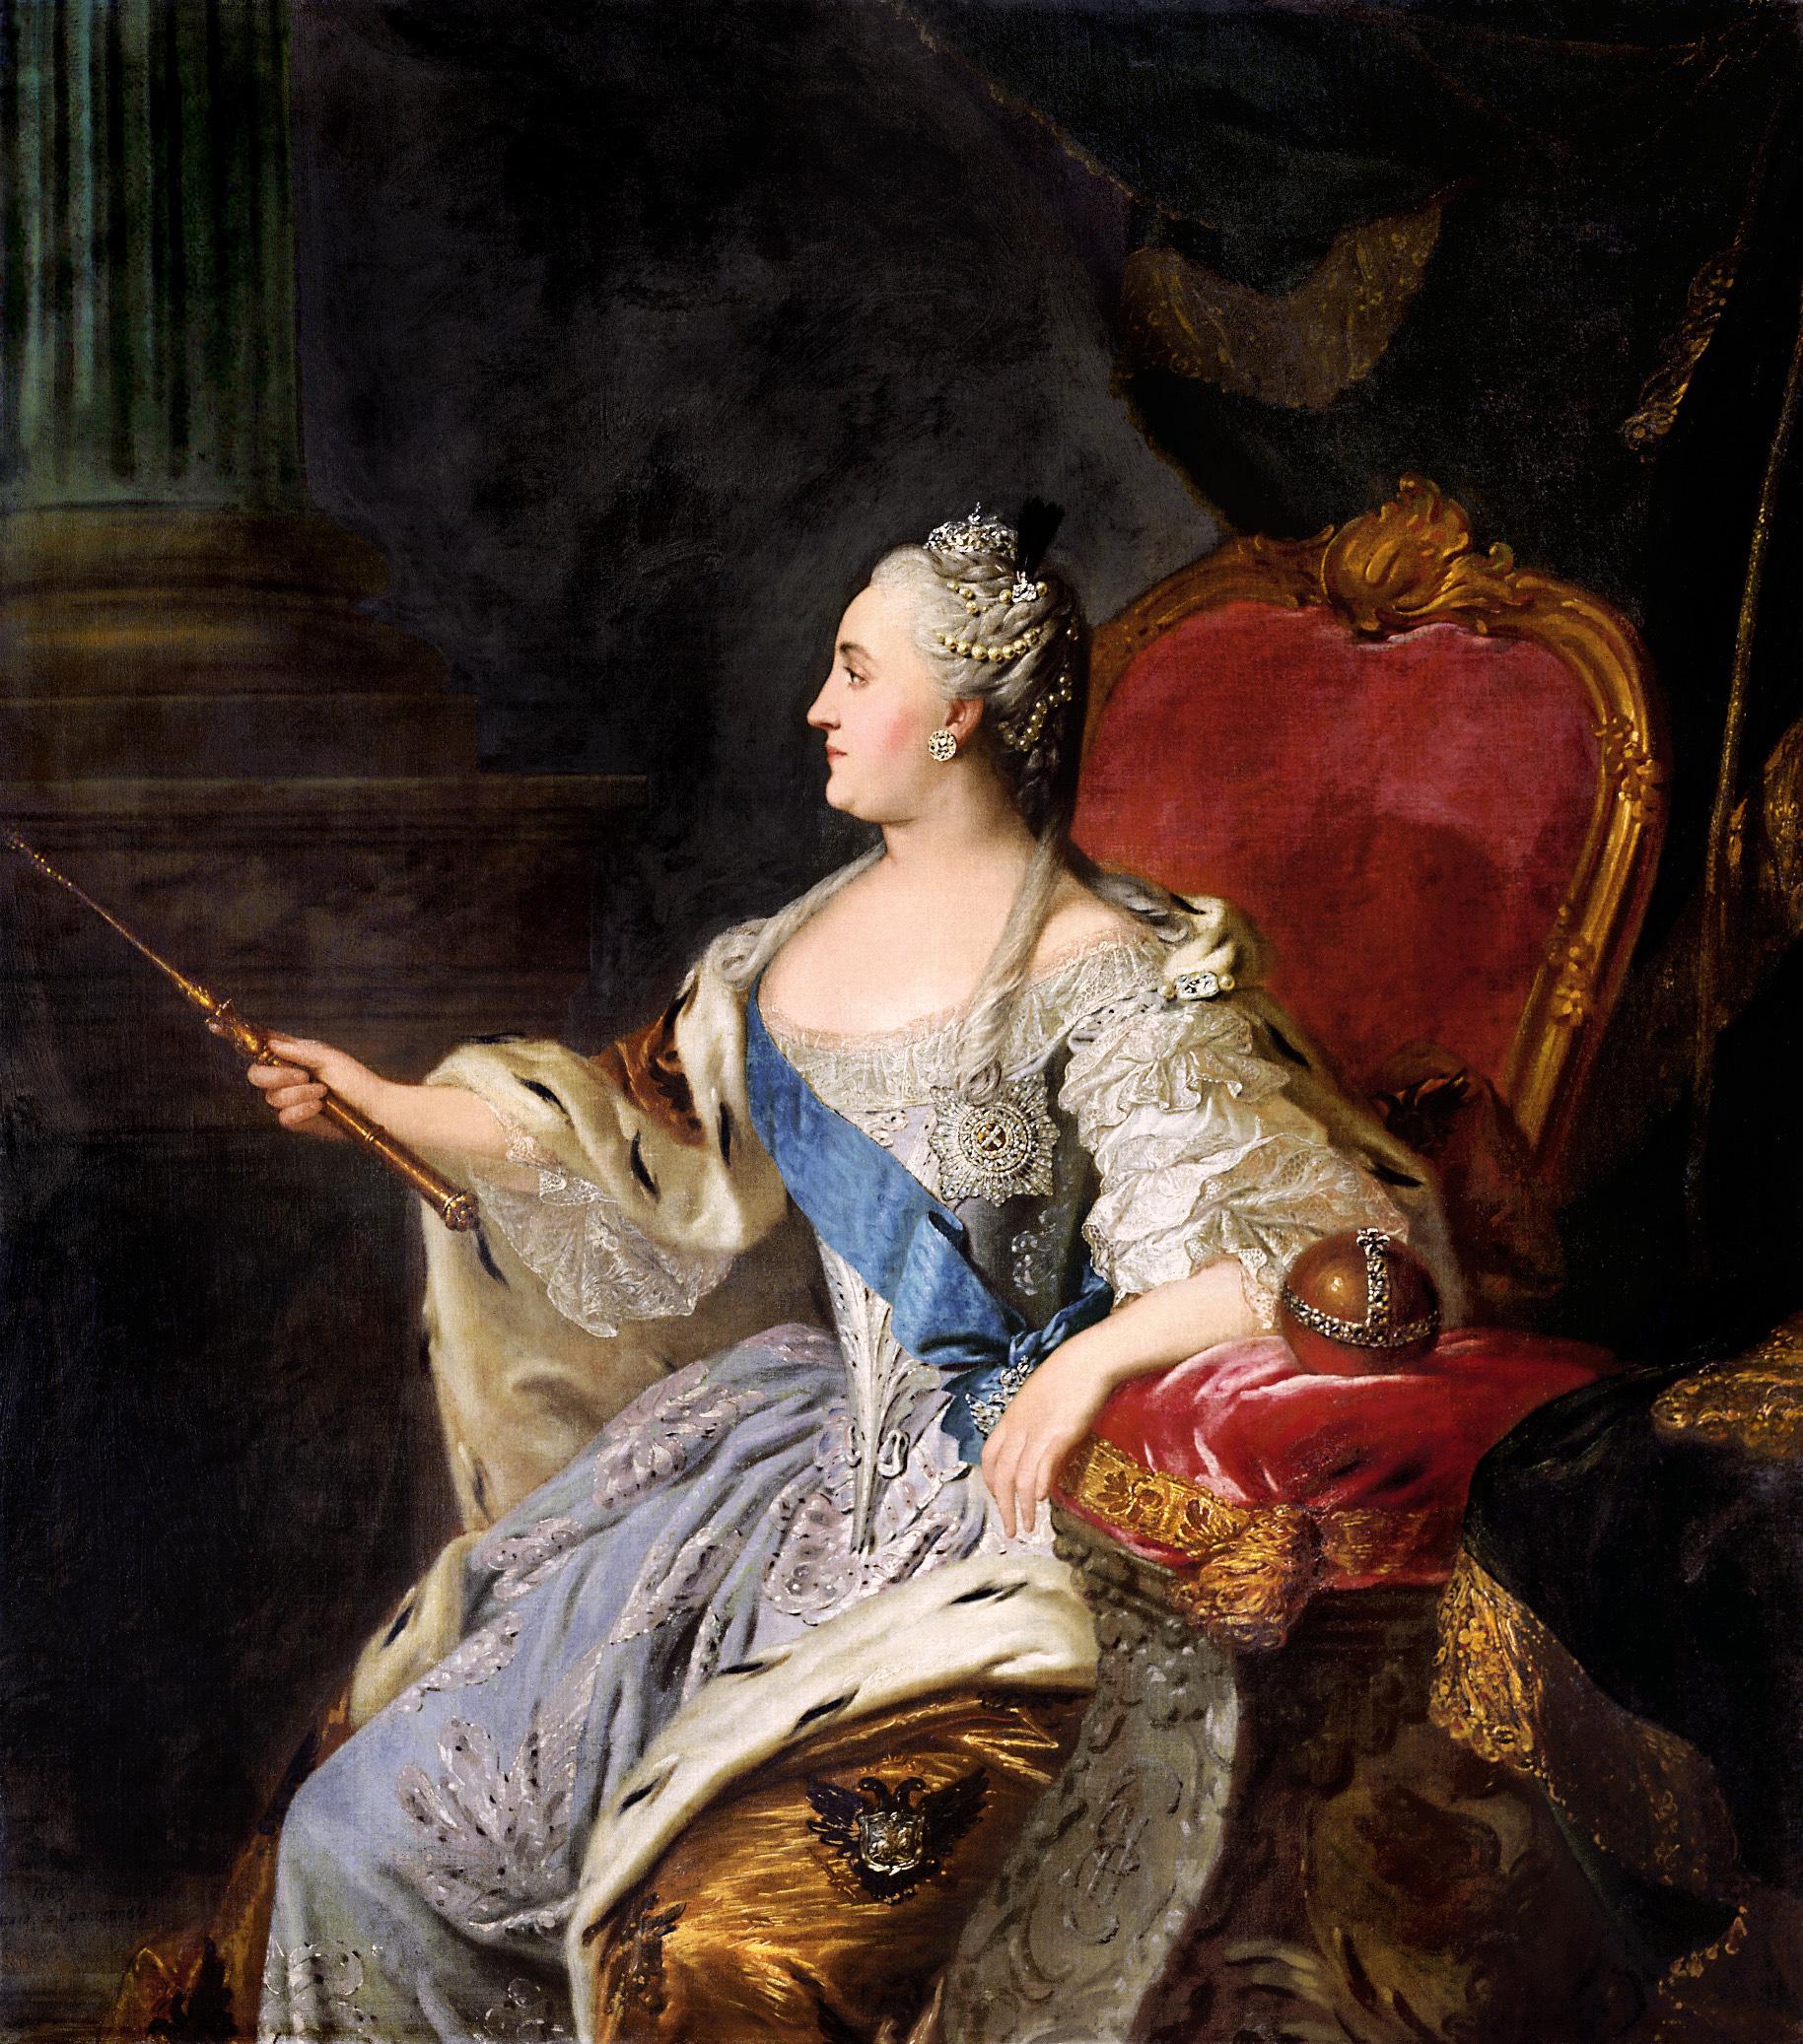 Fot. Źródło: commons.wikimedia